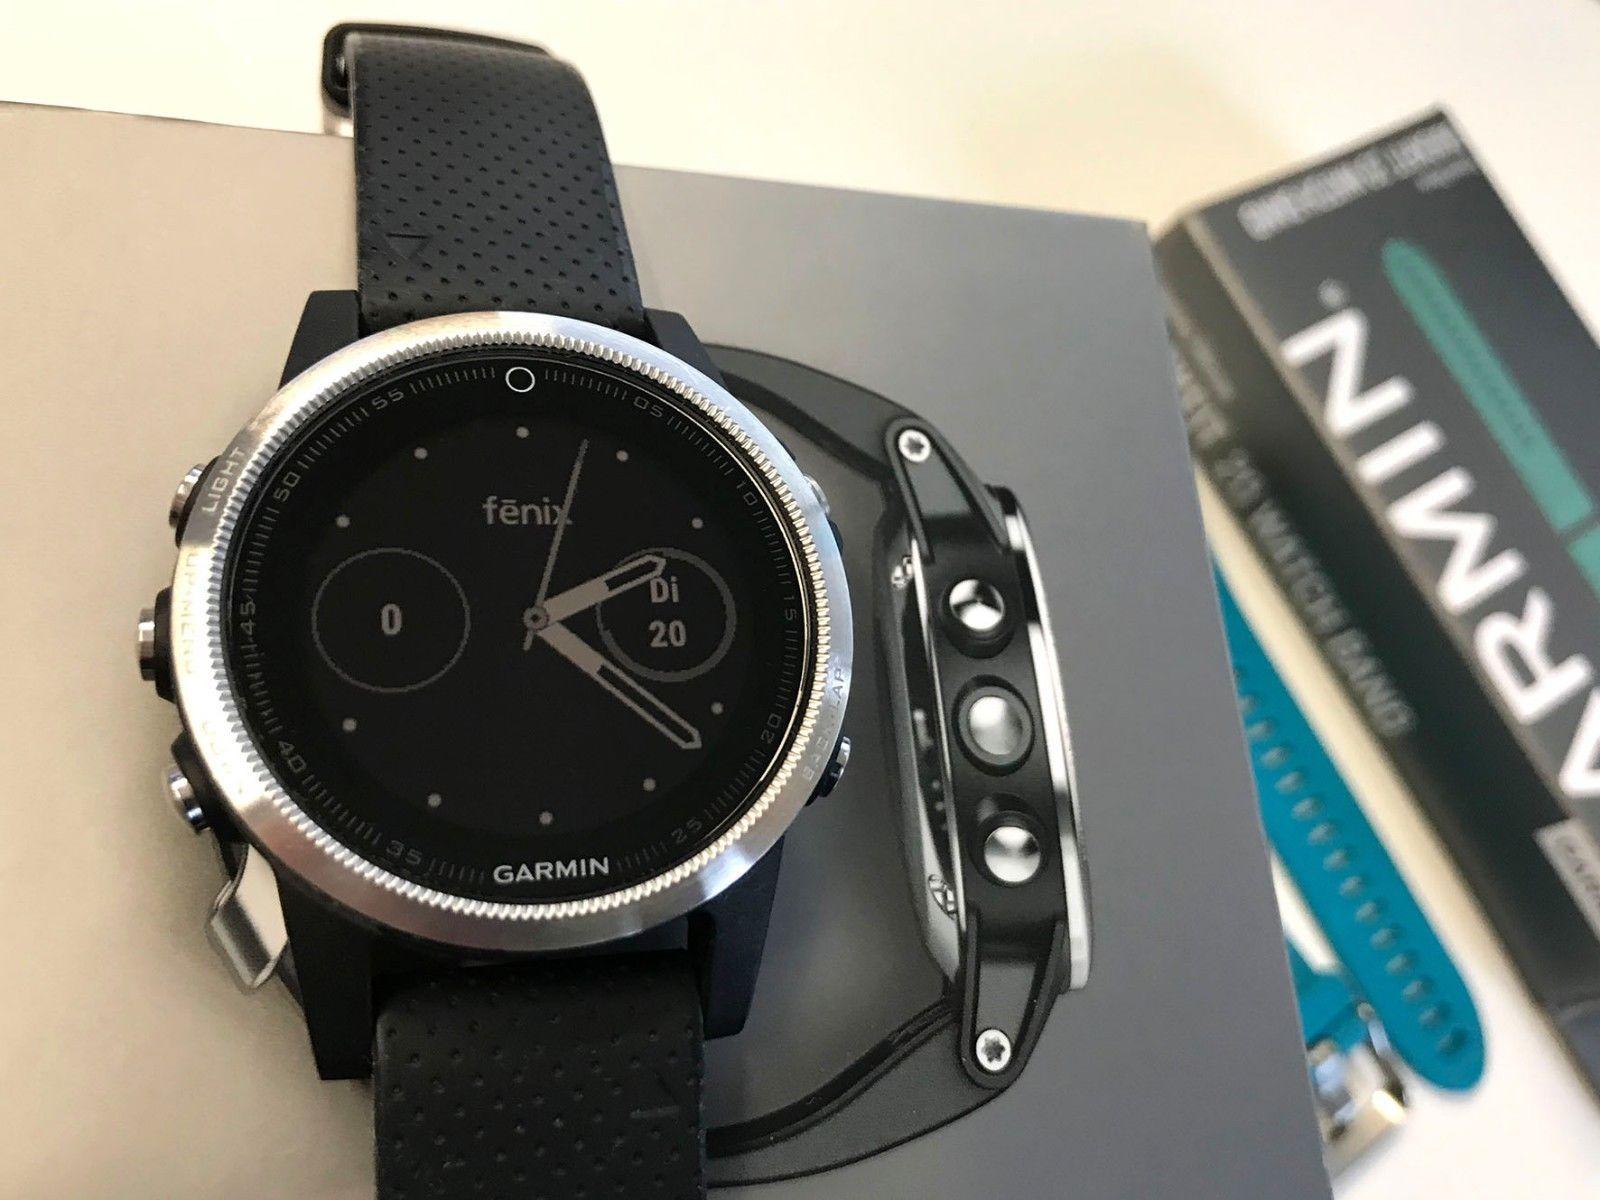 Garmin f?nix 5S GPS-Multisport-Smartwatch - schwarz - TOP Zustand